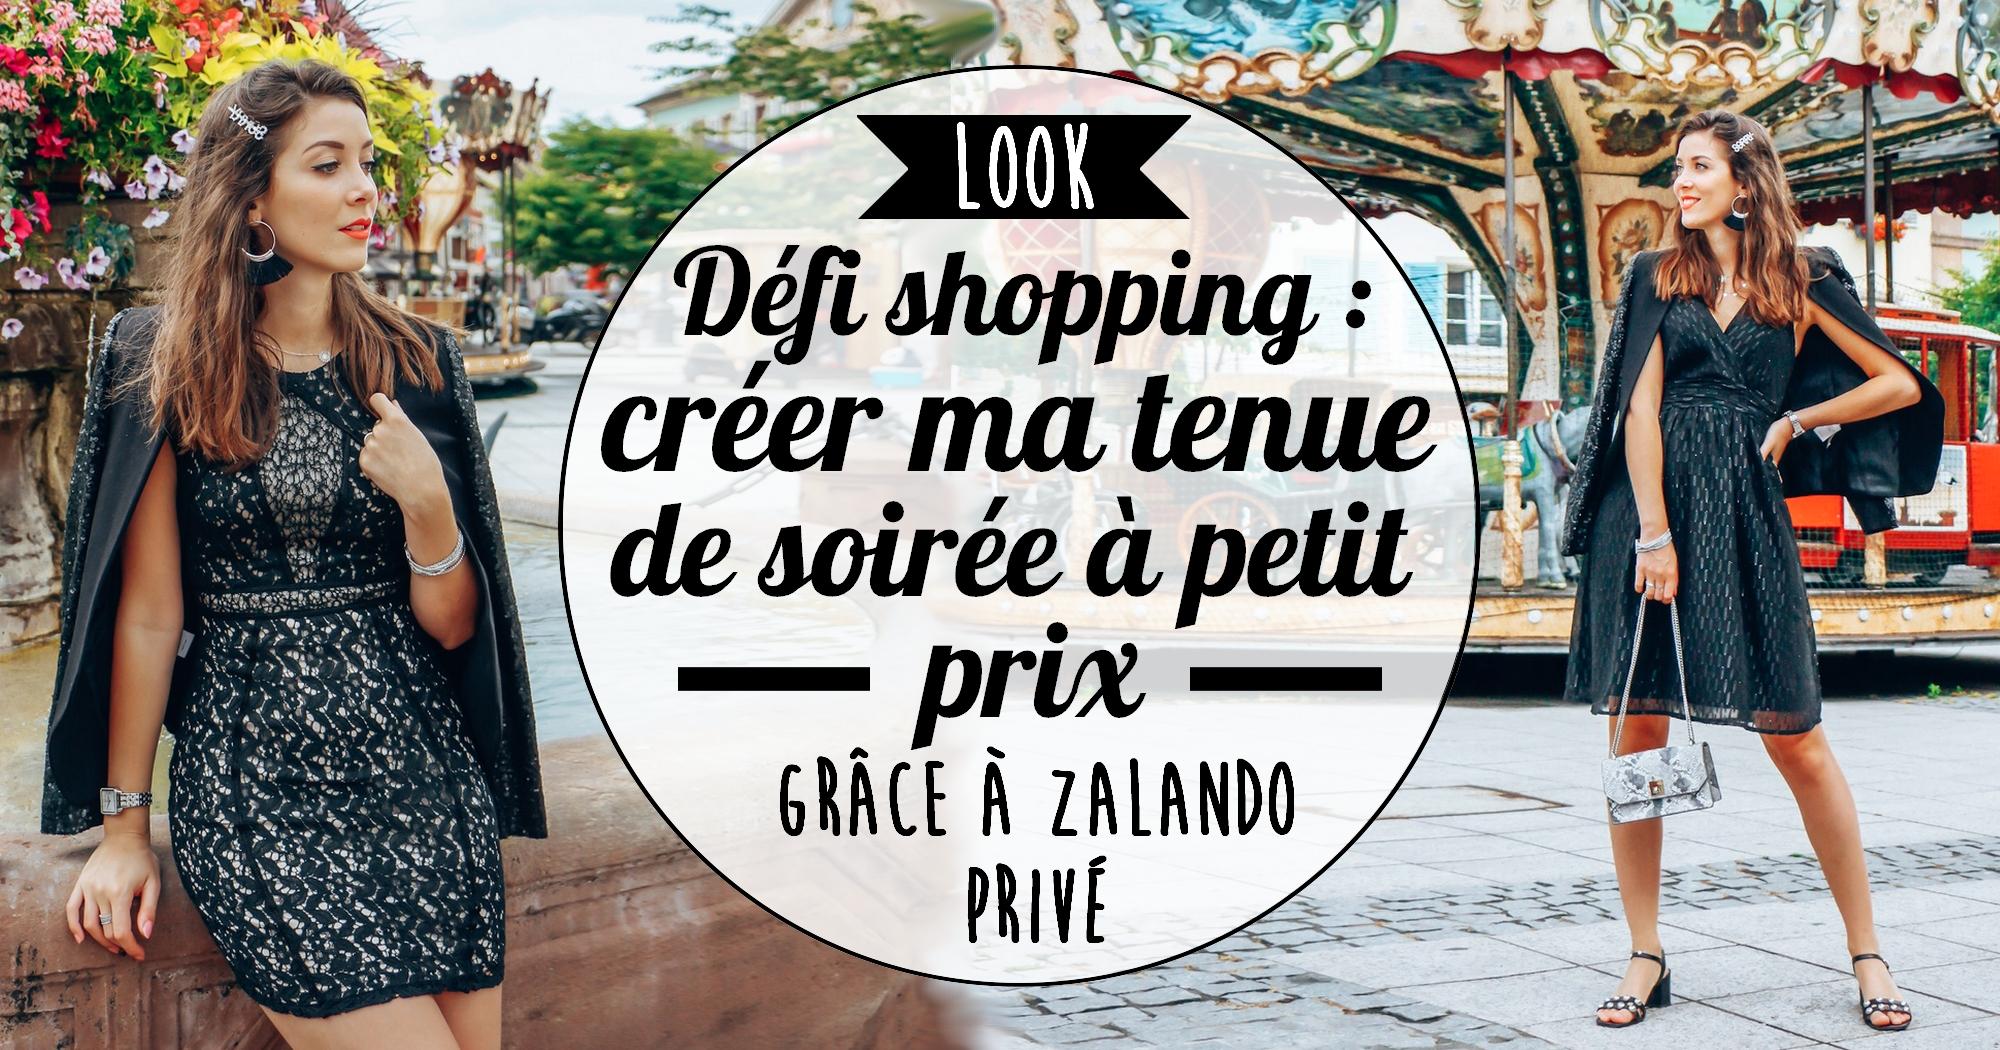 Défi shopping : j'ai testé le site Zalando privé pour créer ma tenue de soirée à petits prix